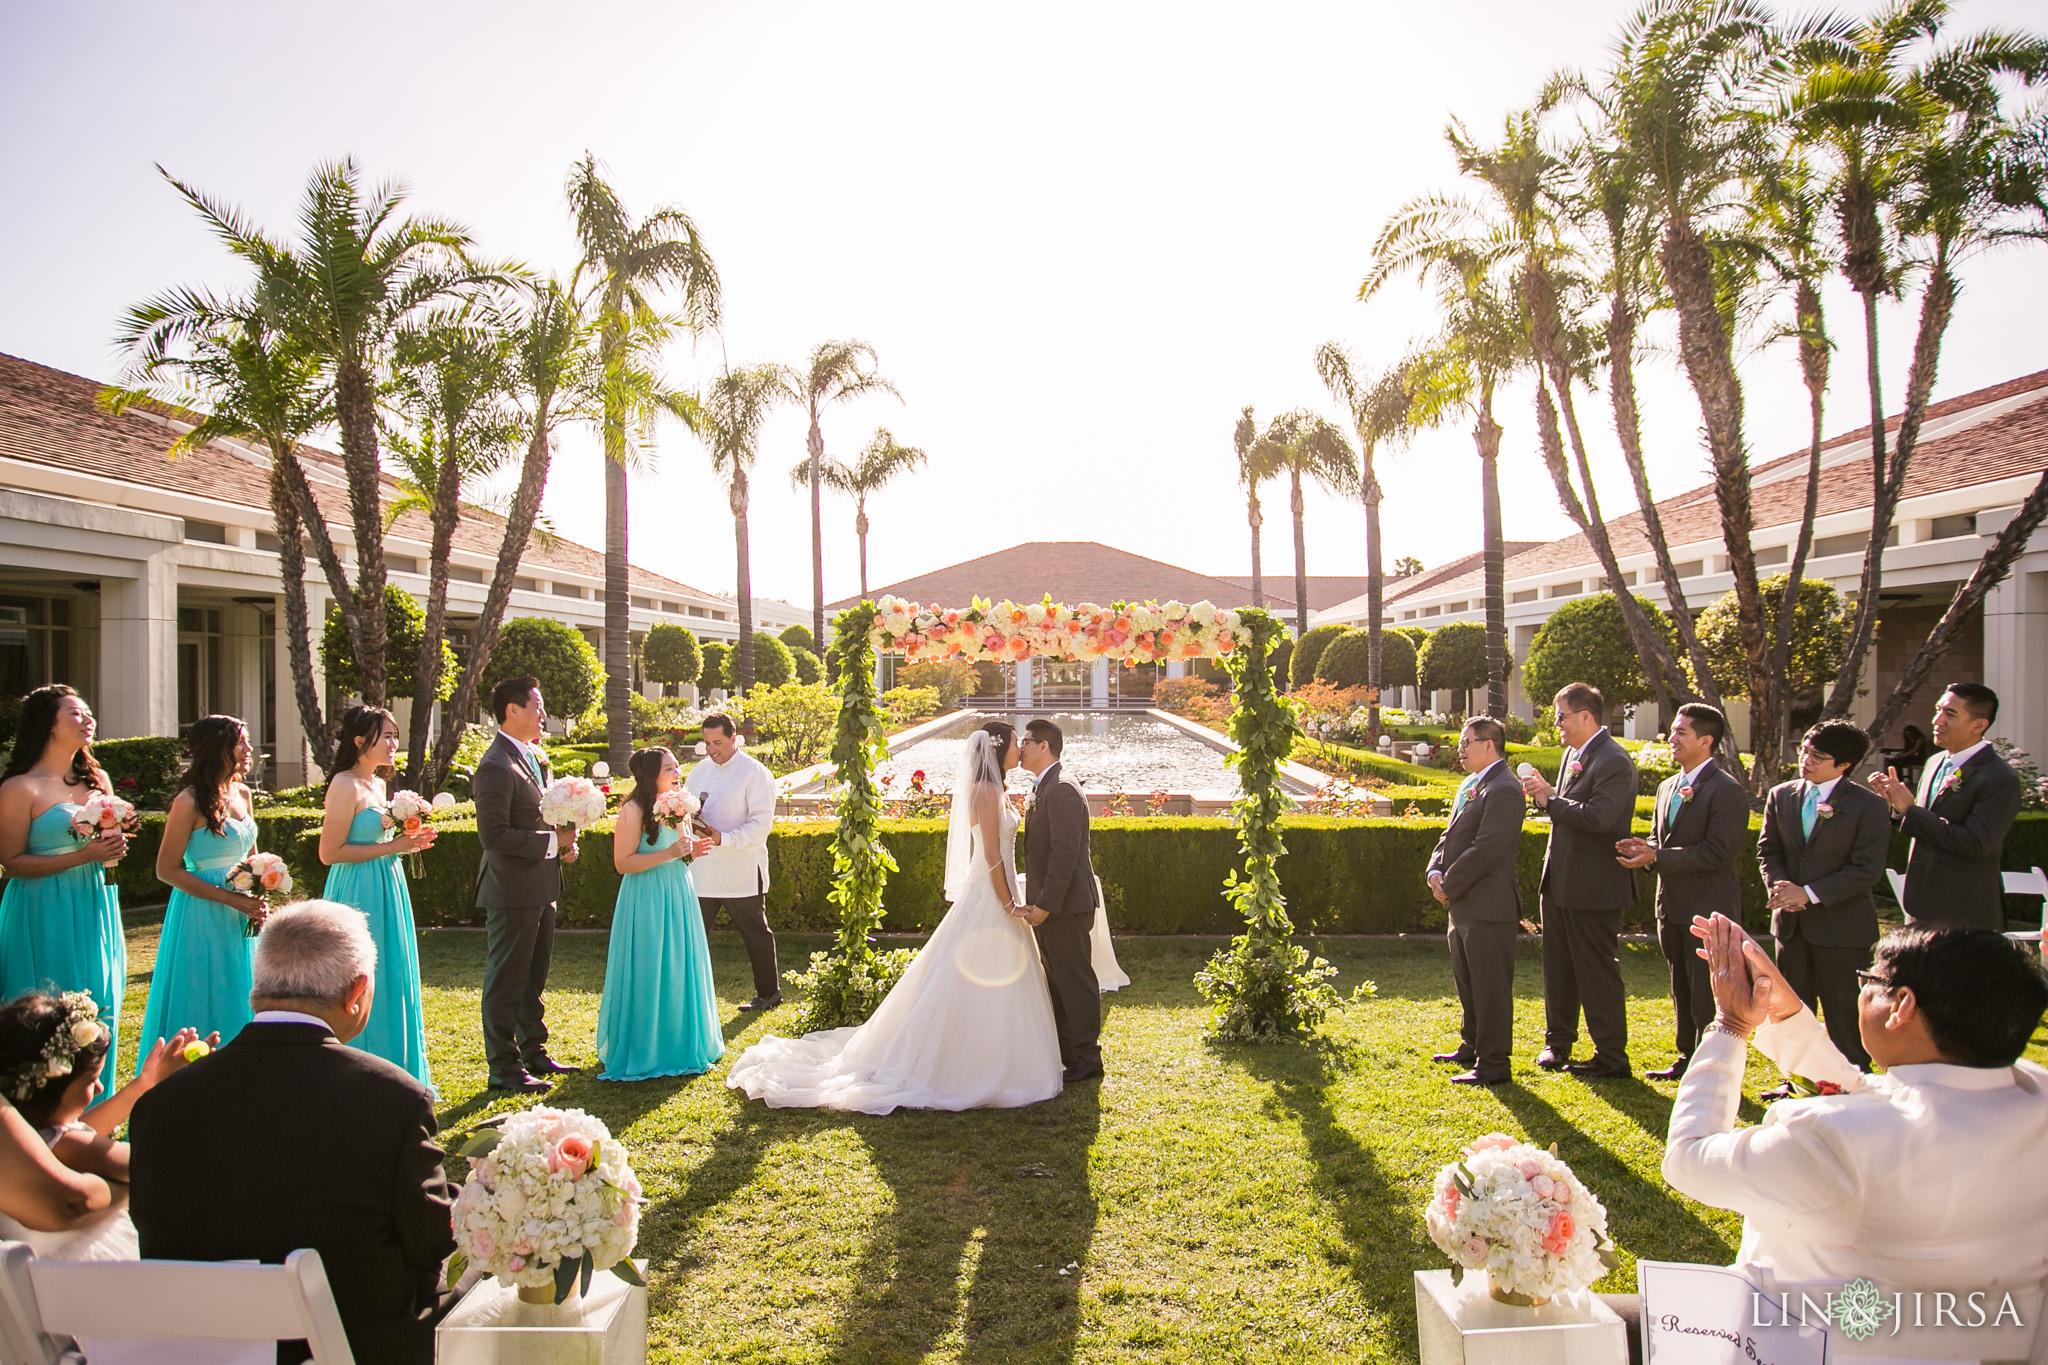 22-richard-nixon-libary-wedding-photography